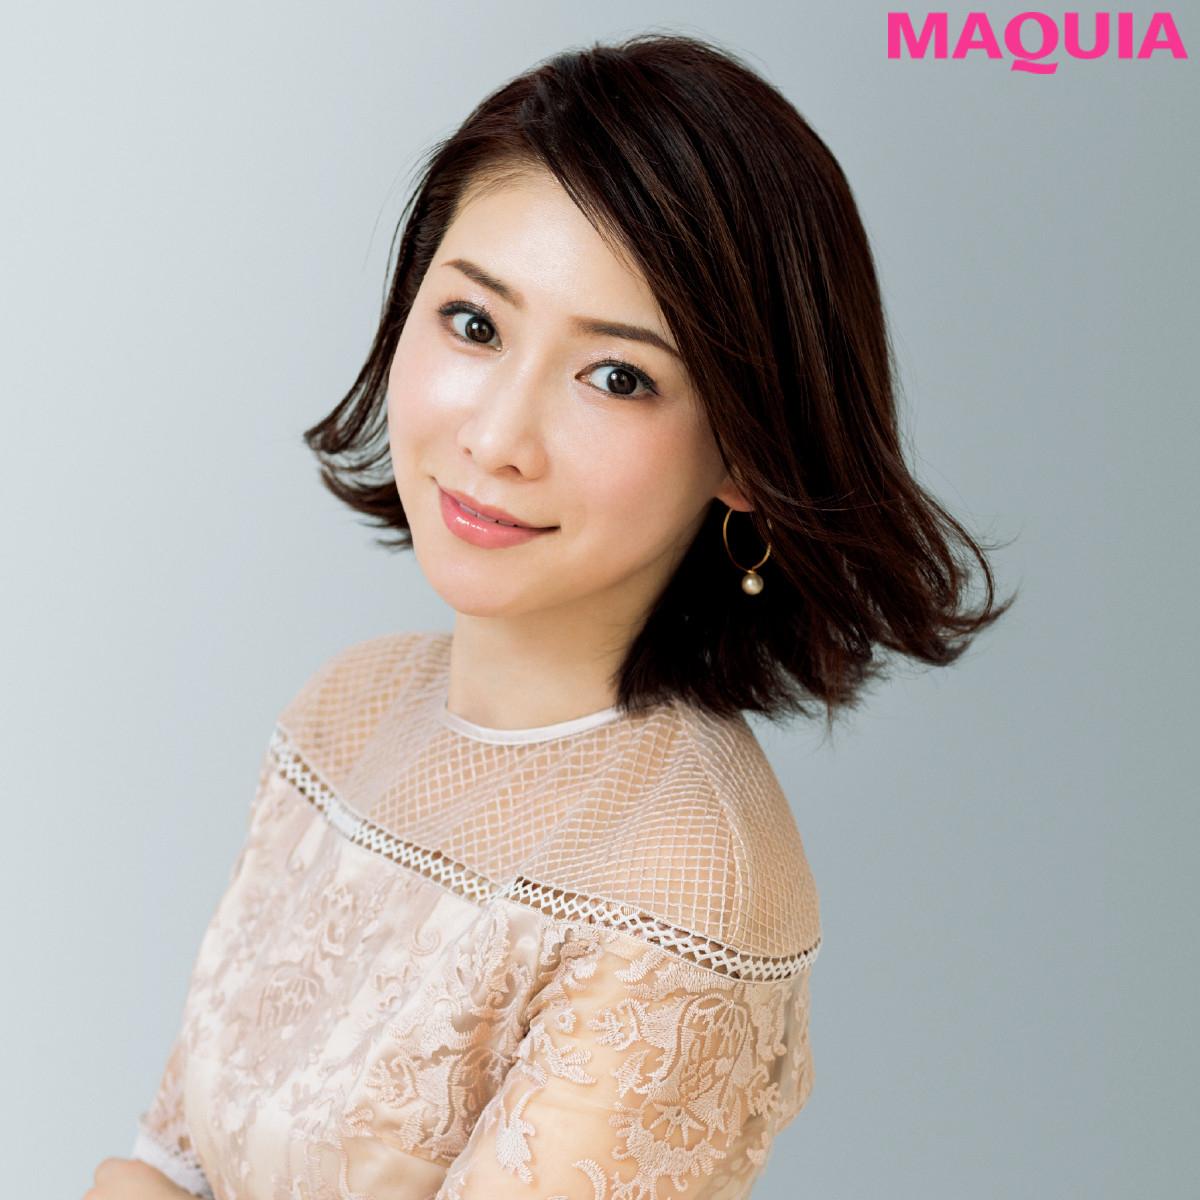 「くすんで見えるものは使わない!」  奇跡の50歳・水谷雅子さんのメイクルールを大公開